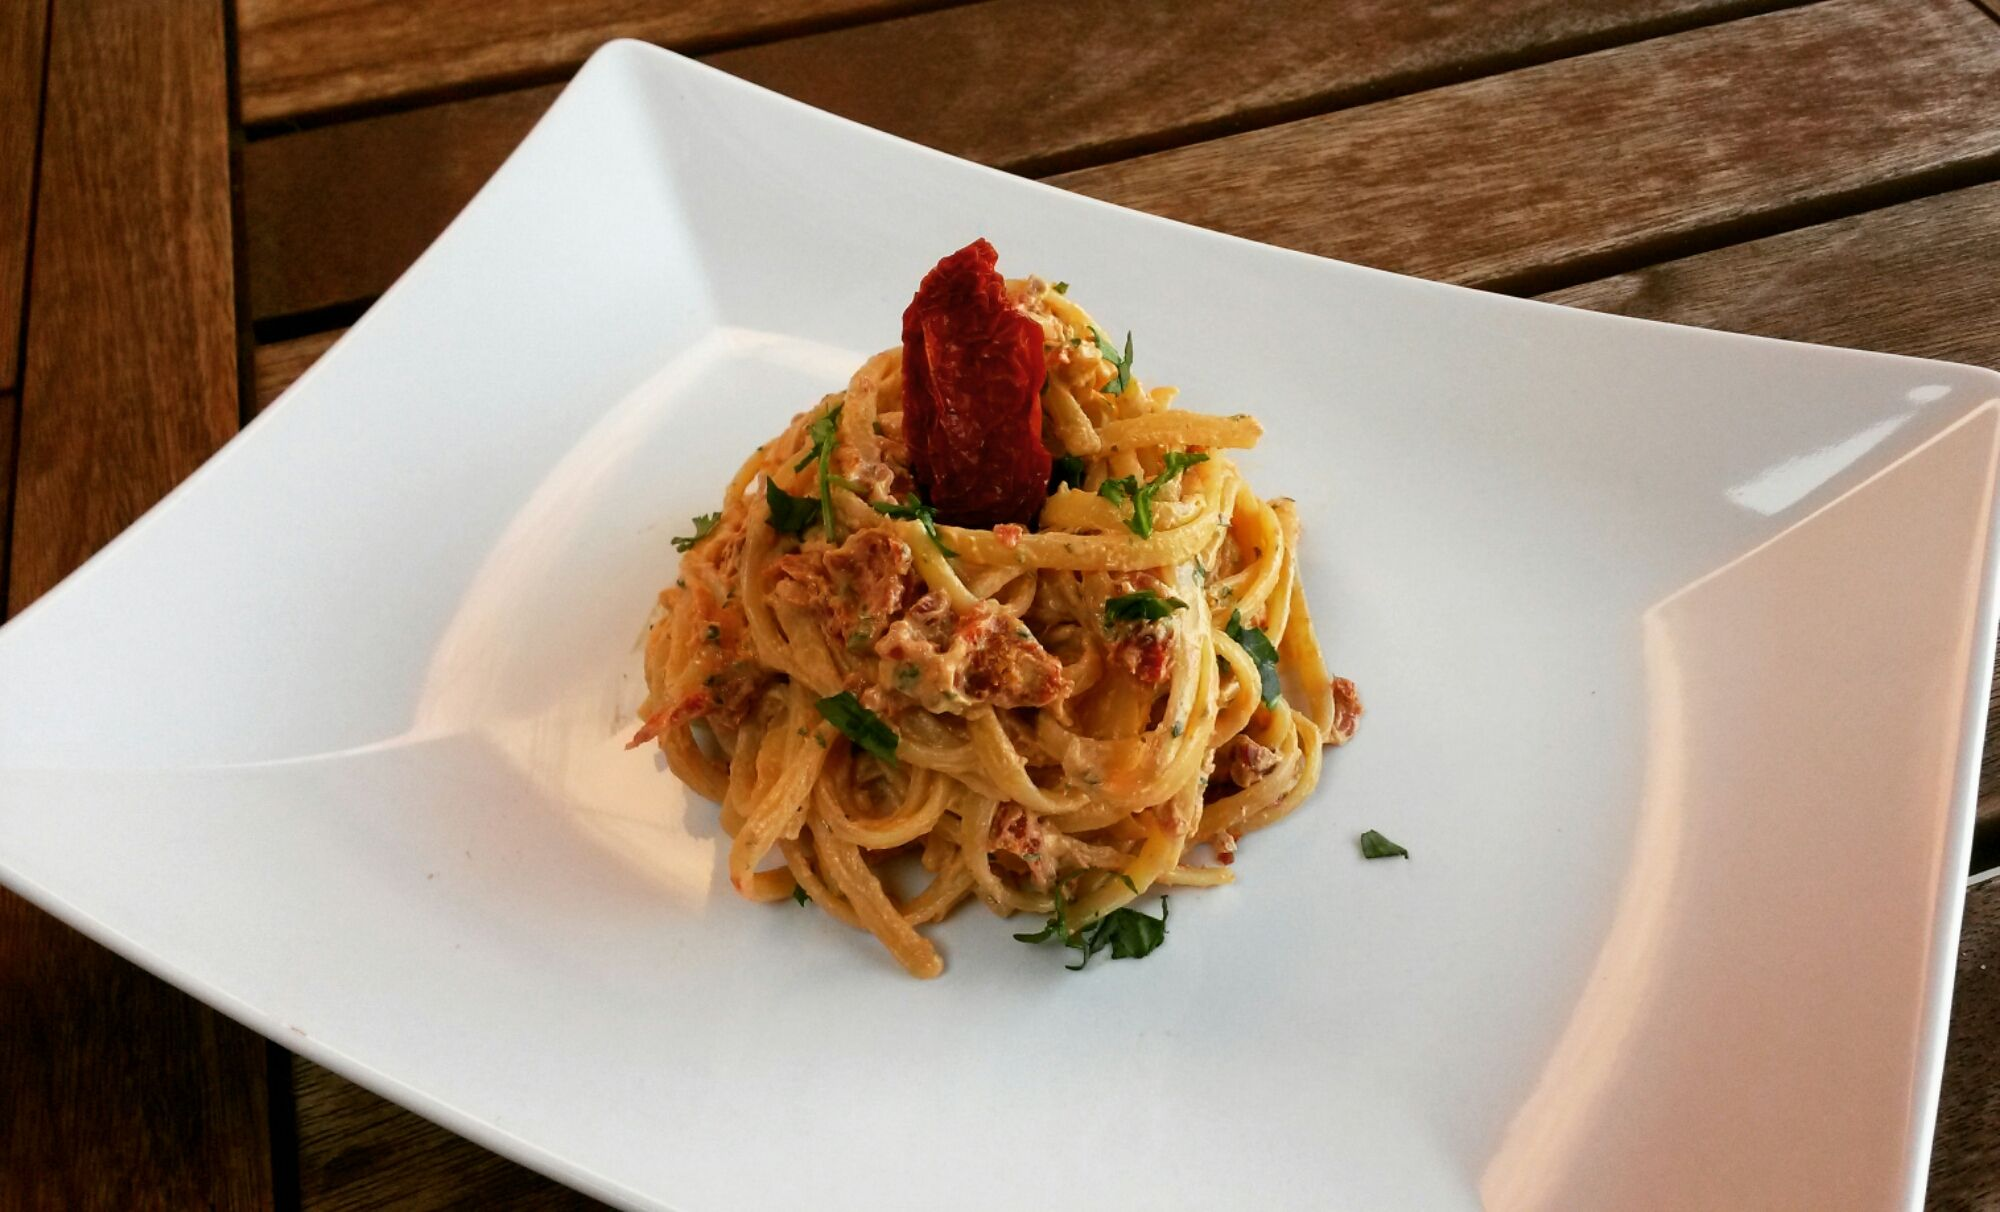 Spaghetti con pesto di ricotta, pomodori secchi e rucola.